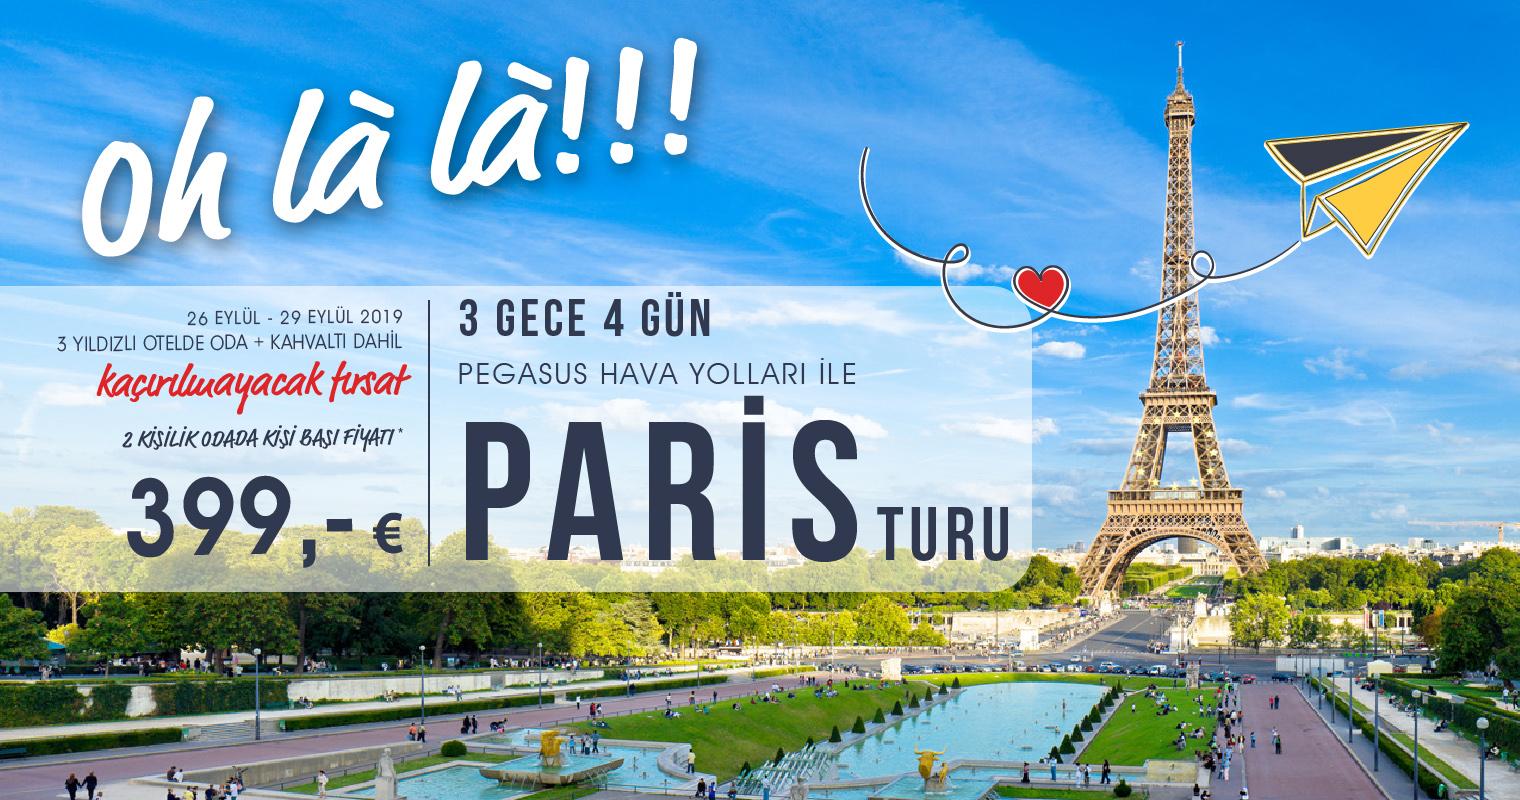 3 Gece 4 Gün Pegasus Hava Yolları ile Paris Turu 399 Euro